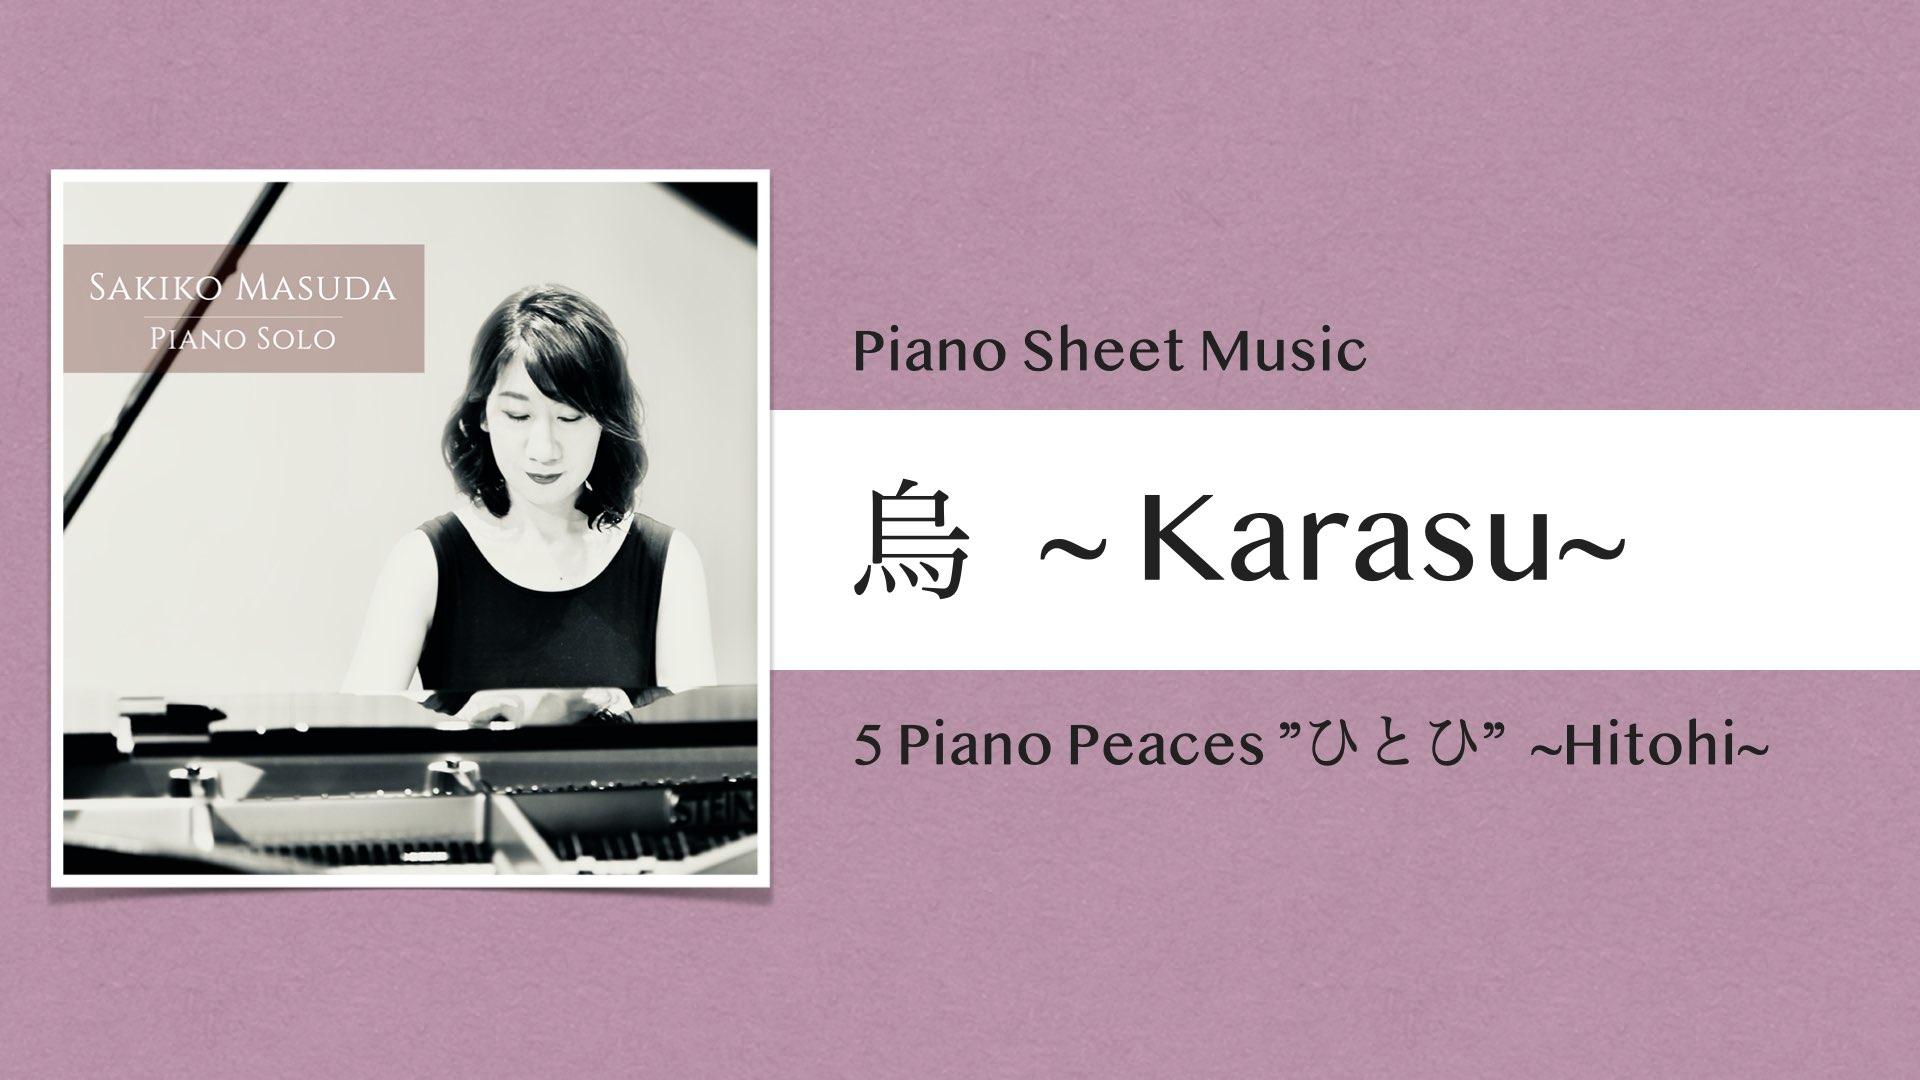 烏 〜Karasu〜 ピアノ小曲集『ひとひ』【ピアノ楽譜】